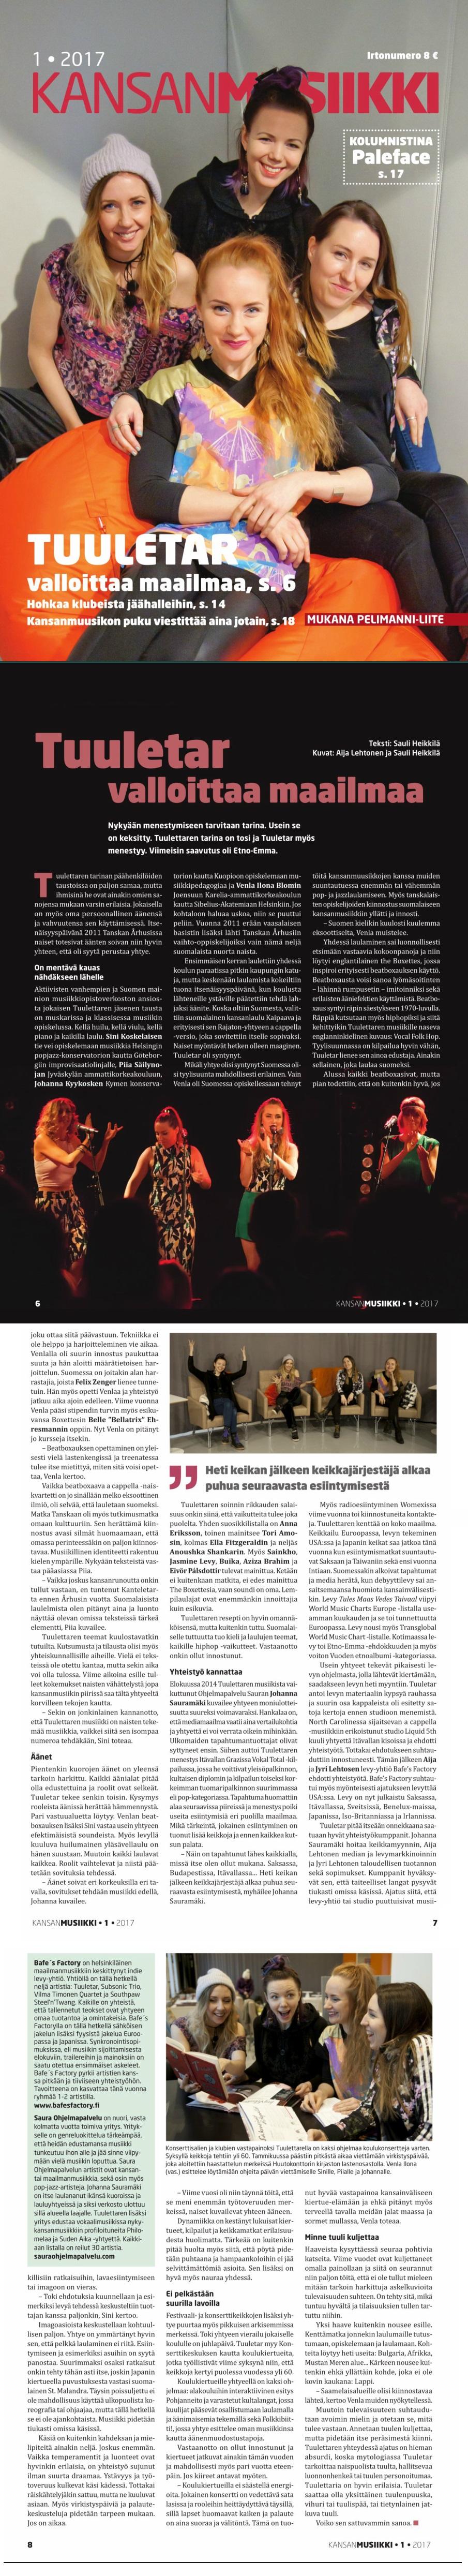 Kansanmusiikki-lehti, 1/2017